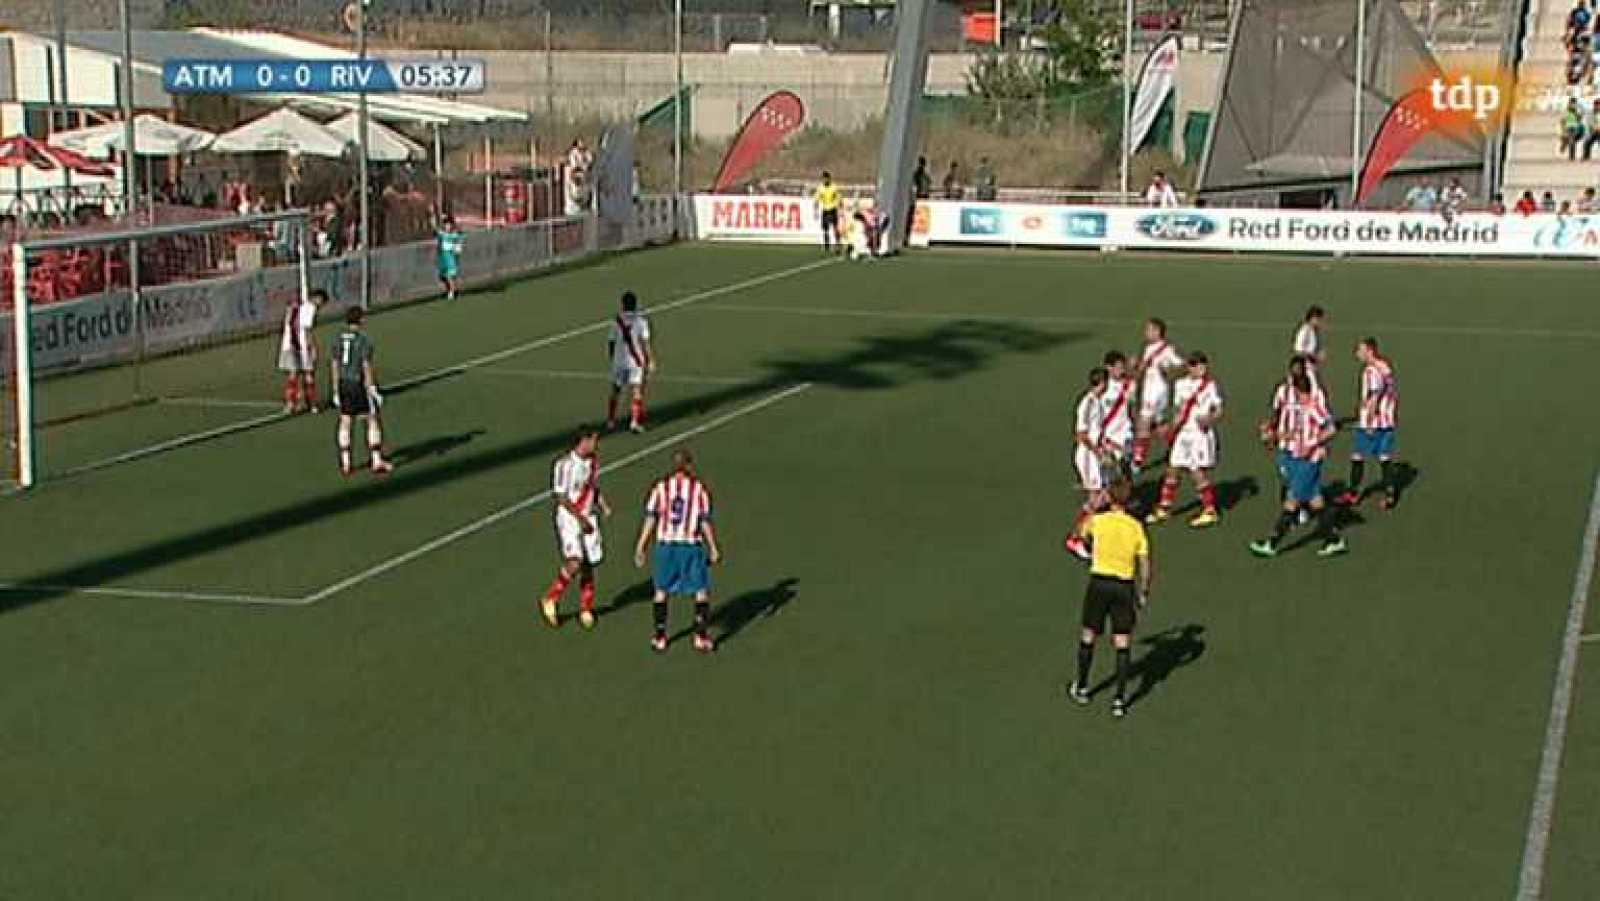 Fútbol - Campeonato del mundo Clubes Sub-17: Final: Atlético de Madrid - CA River Plate - Ver ahora